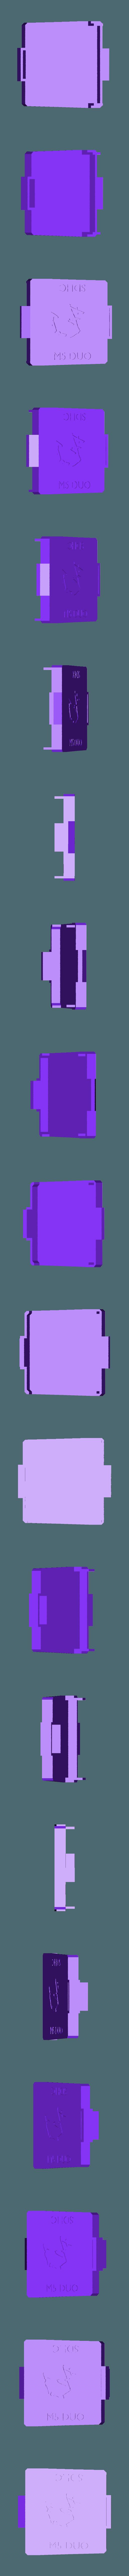 JG_card_reader_case_2.stl Download free STL file Card Reader Thinner Case • 3D printing object, c47